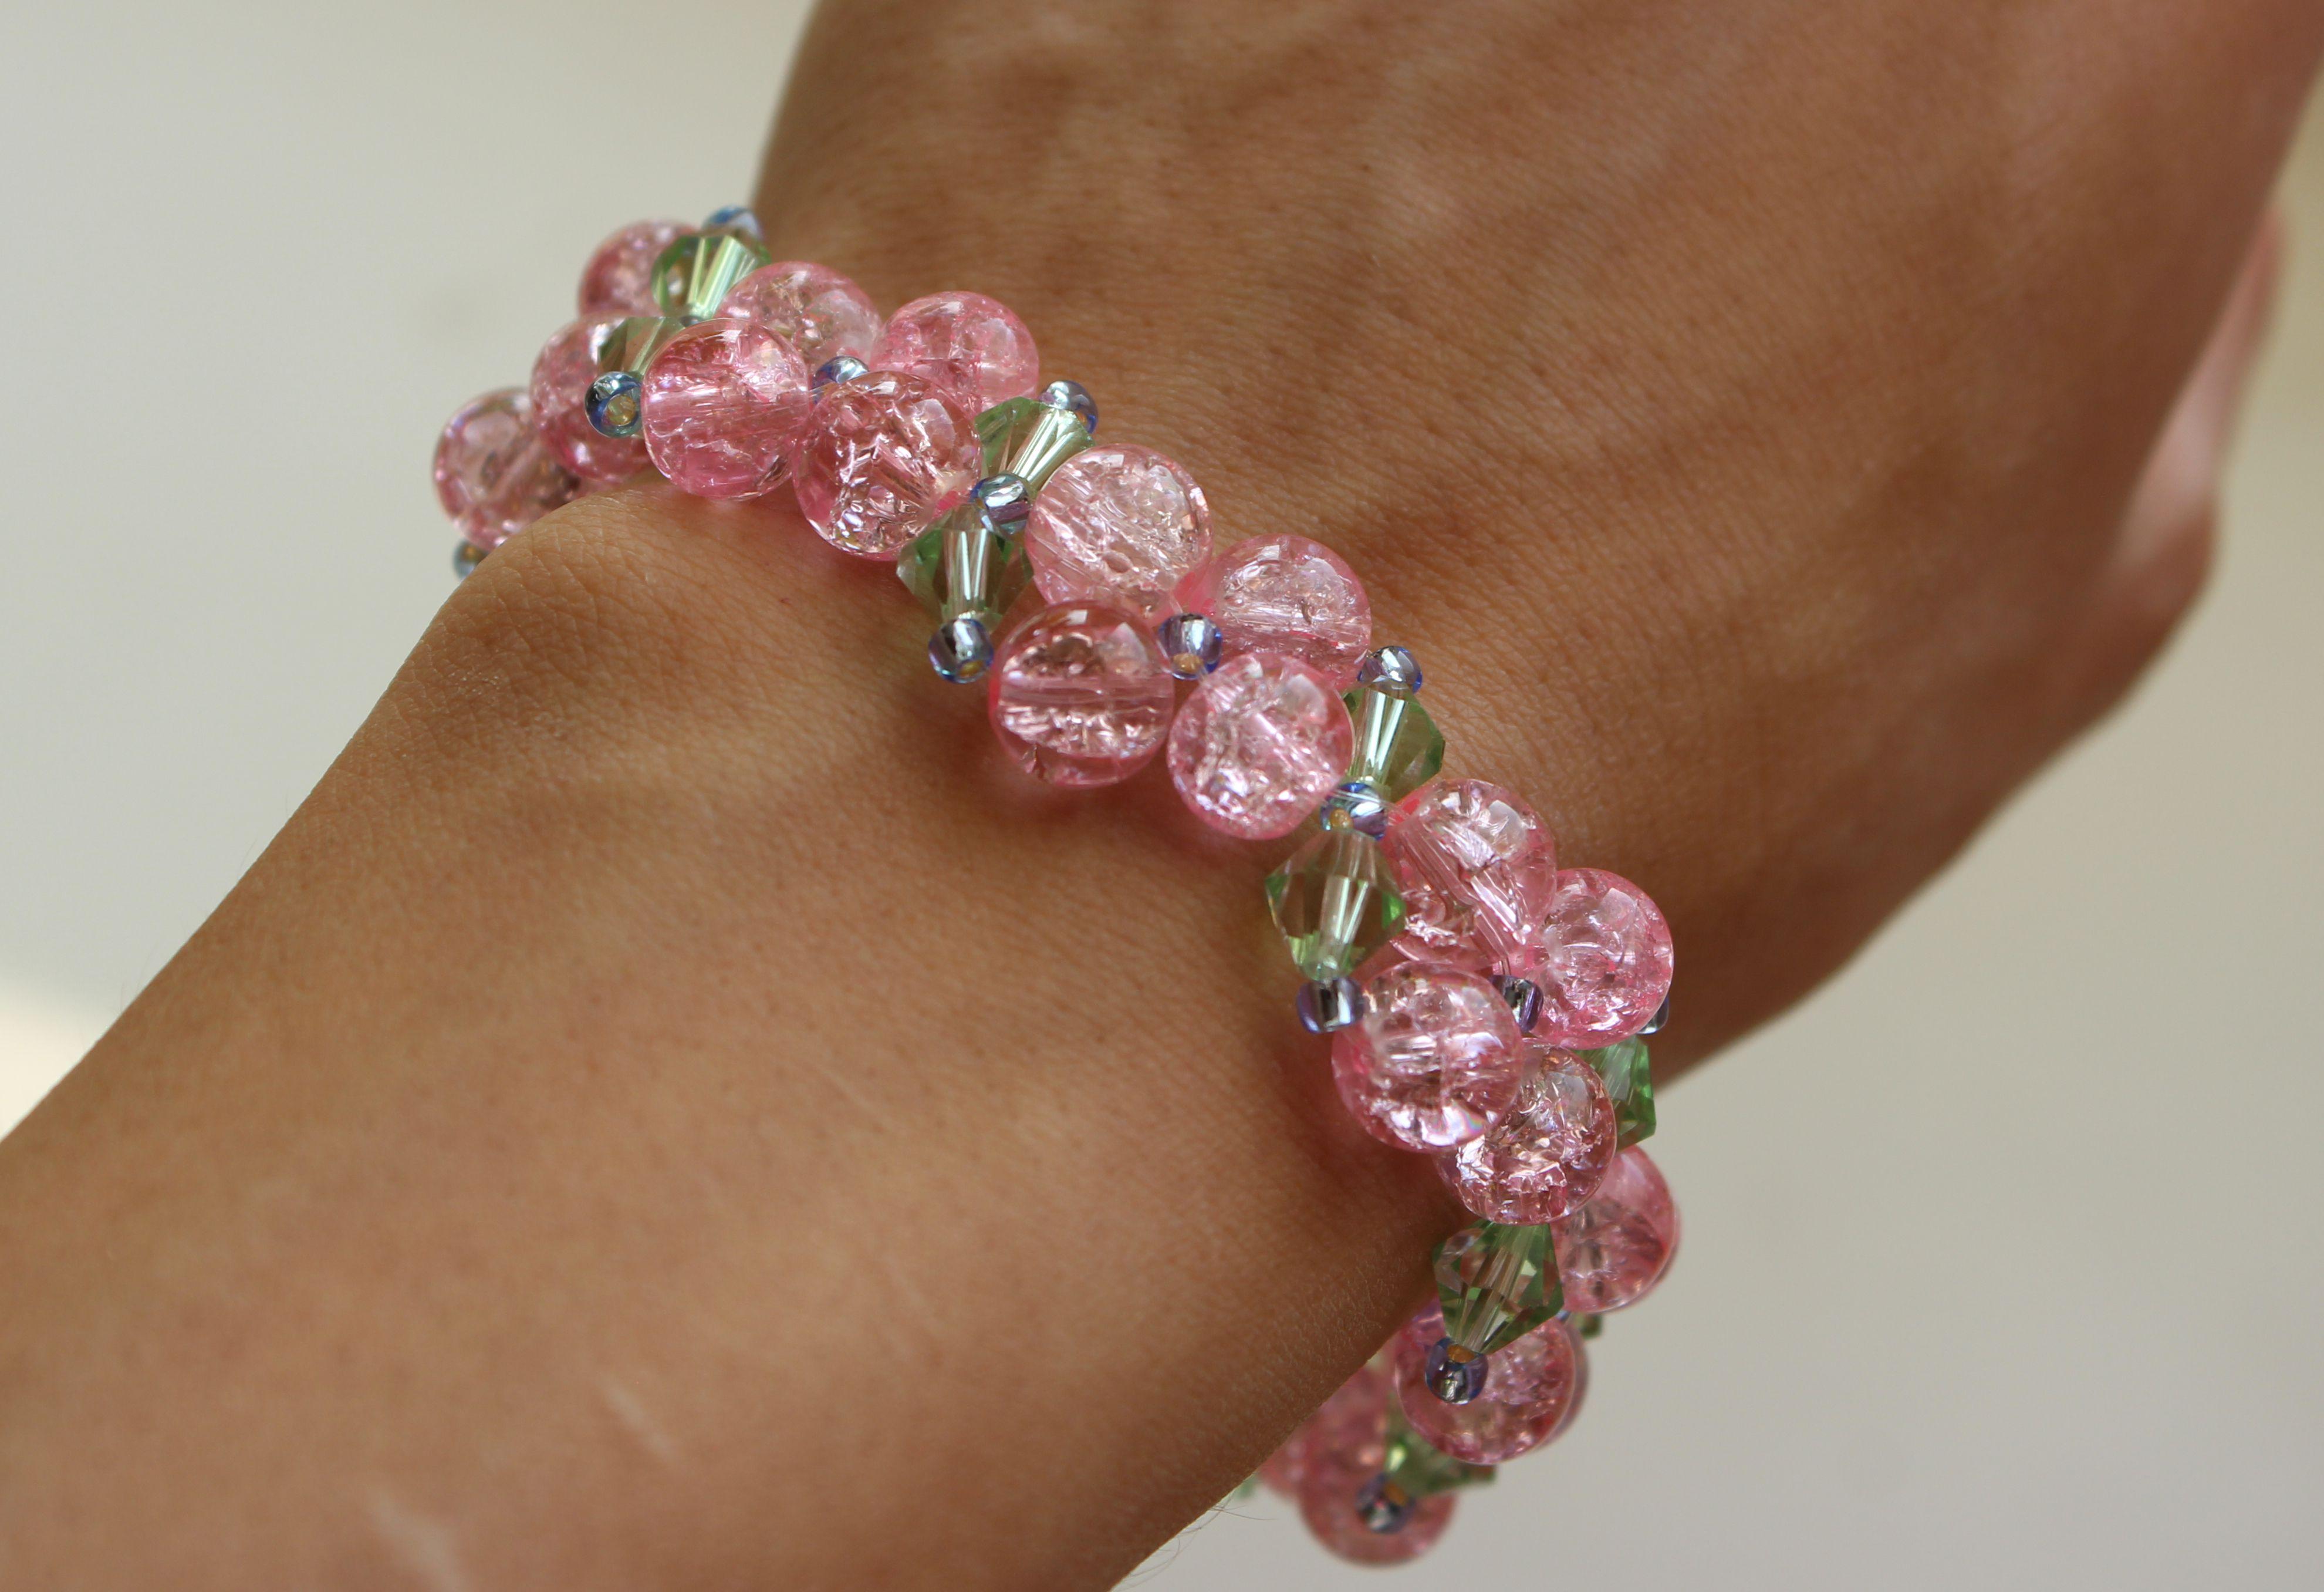 нежный бусины украшения браслет бижутерия прозрачный розовый зеленый стекло